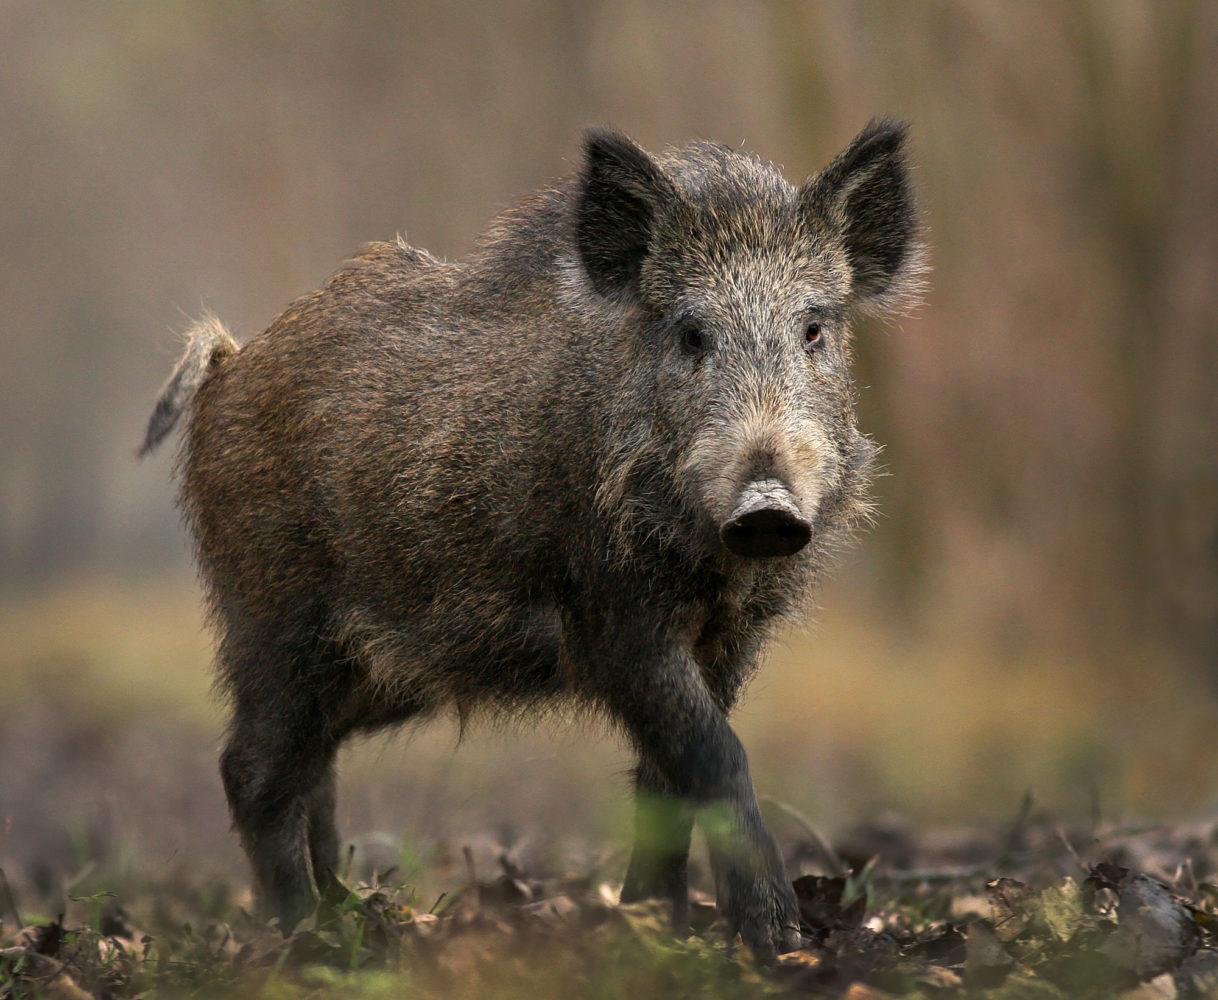 Lawmaker files legislation on feral hogs in Missouri